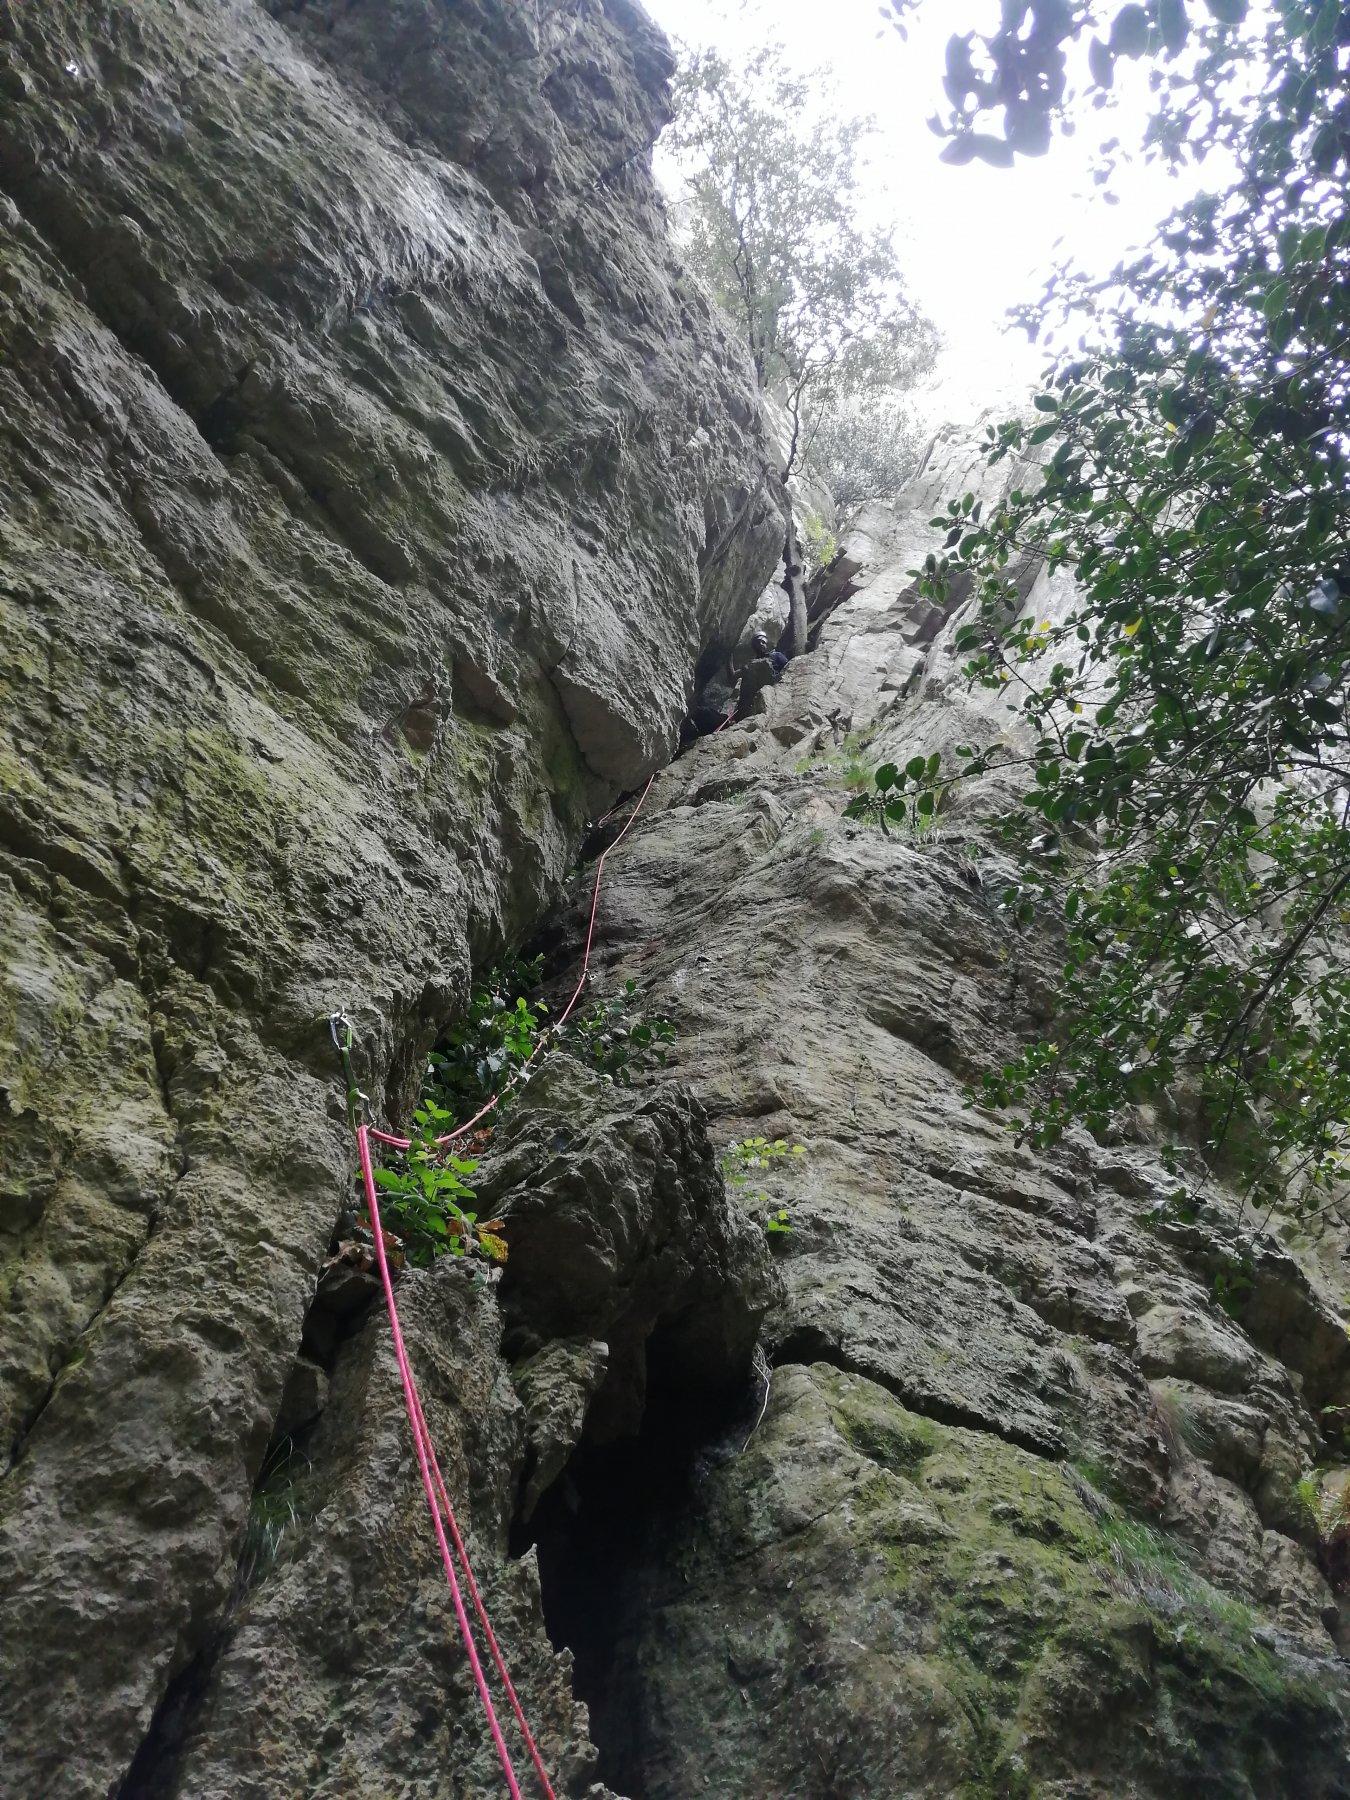 Pete nel camino della Rocca dell'Aia